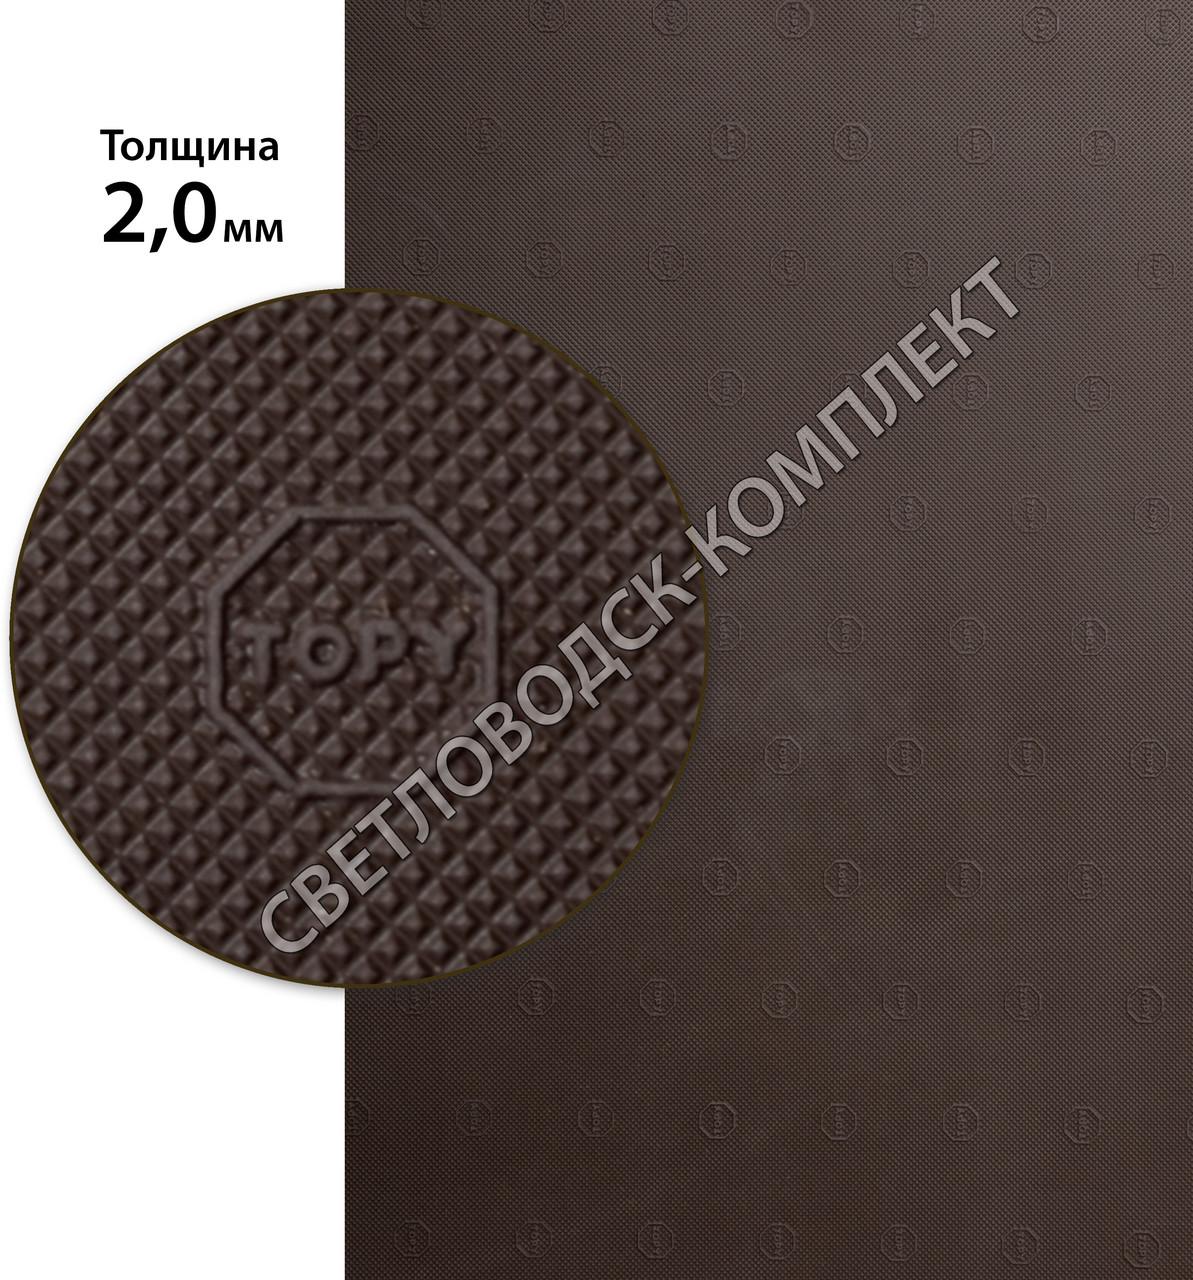 «Эластичка» рисунок «ТОРY» (Китай), р. 400*600*2.0 мм, цв. коричневый - резина подметочная/профилактика